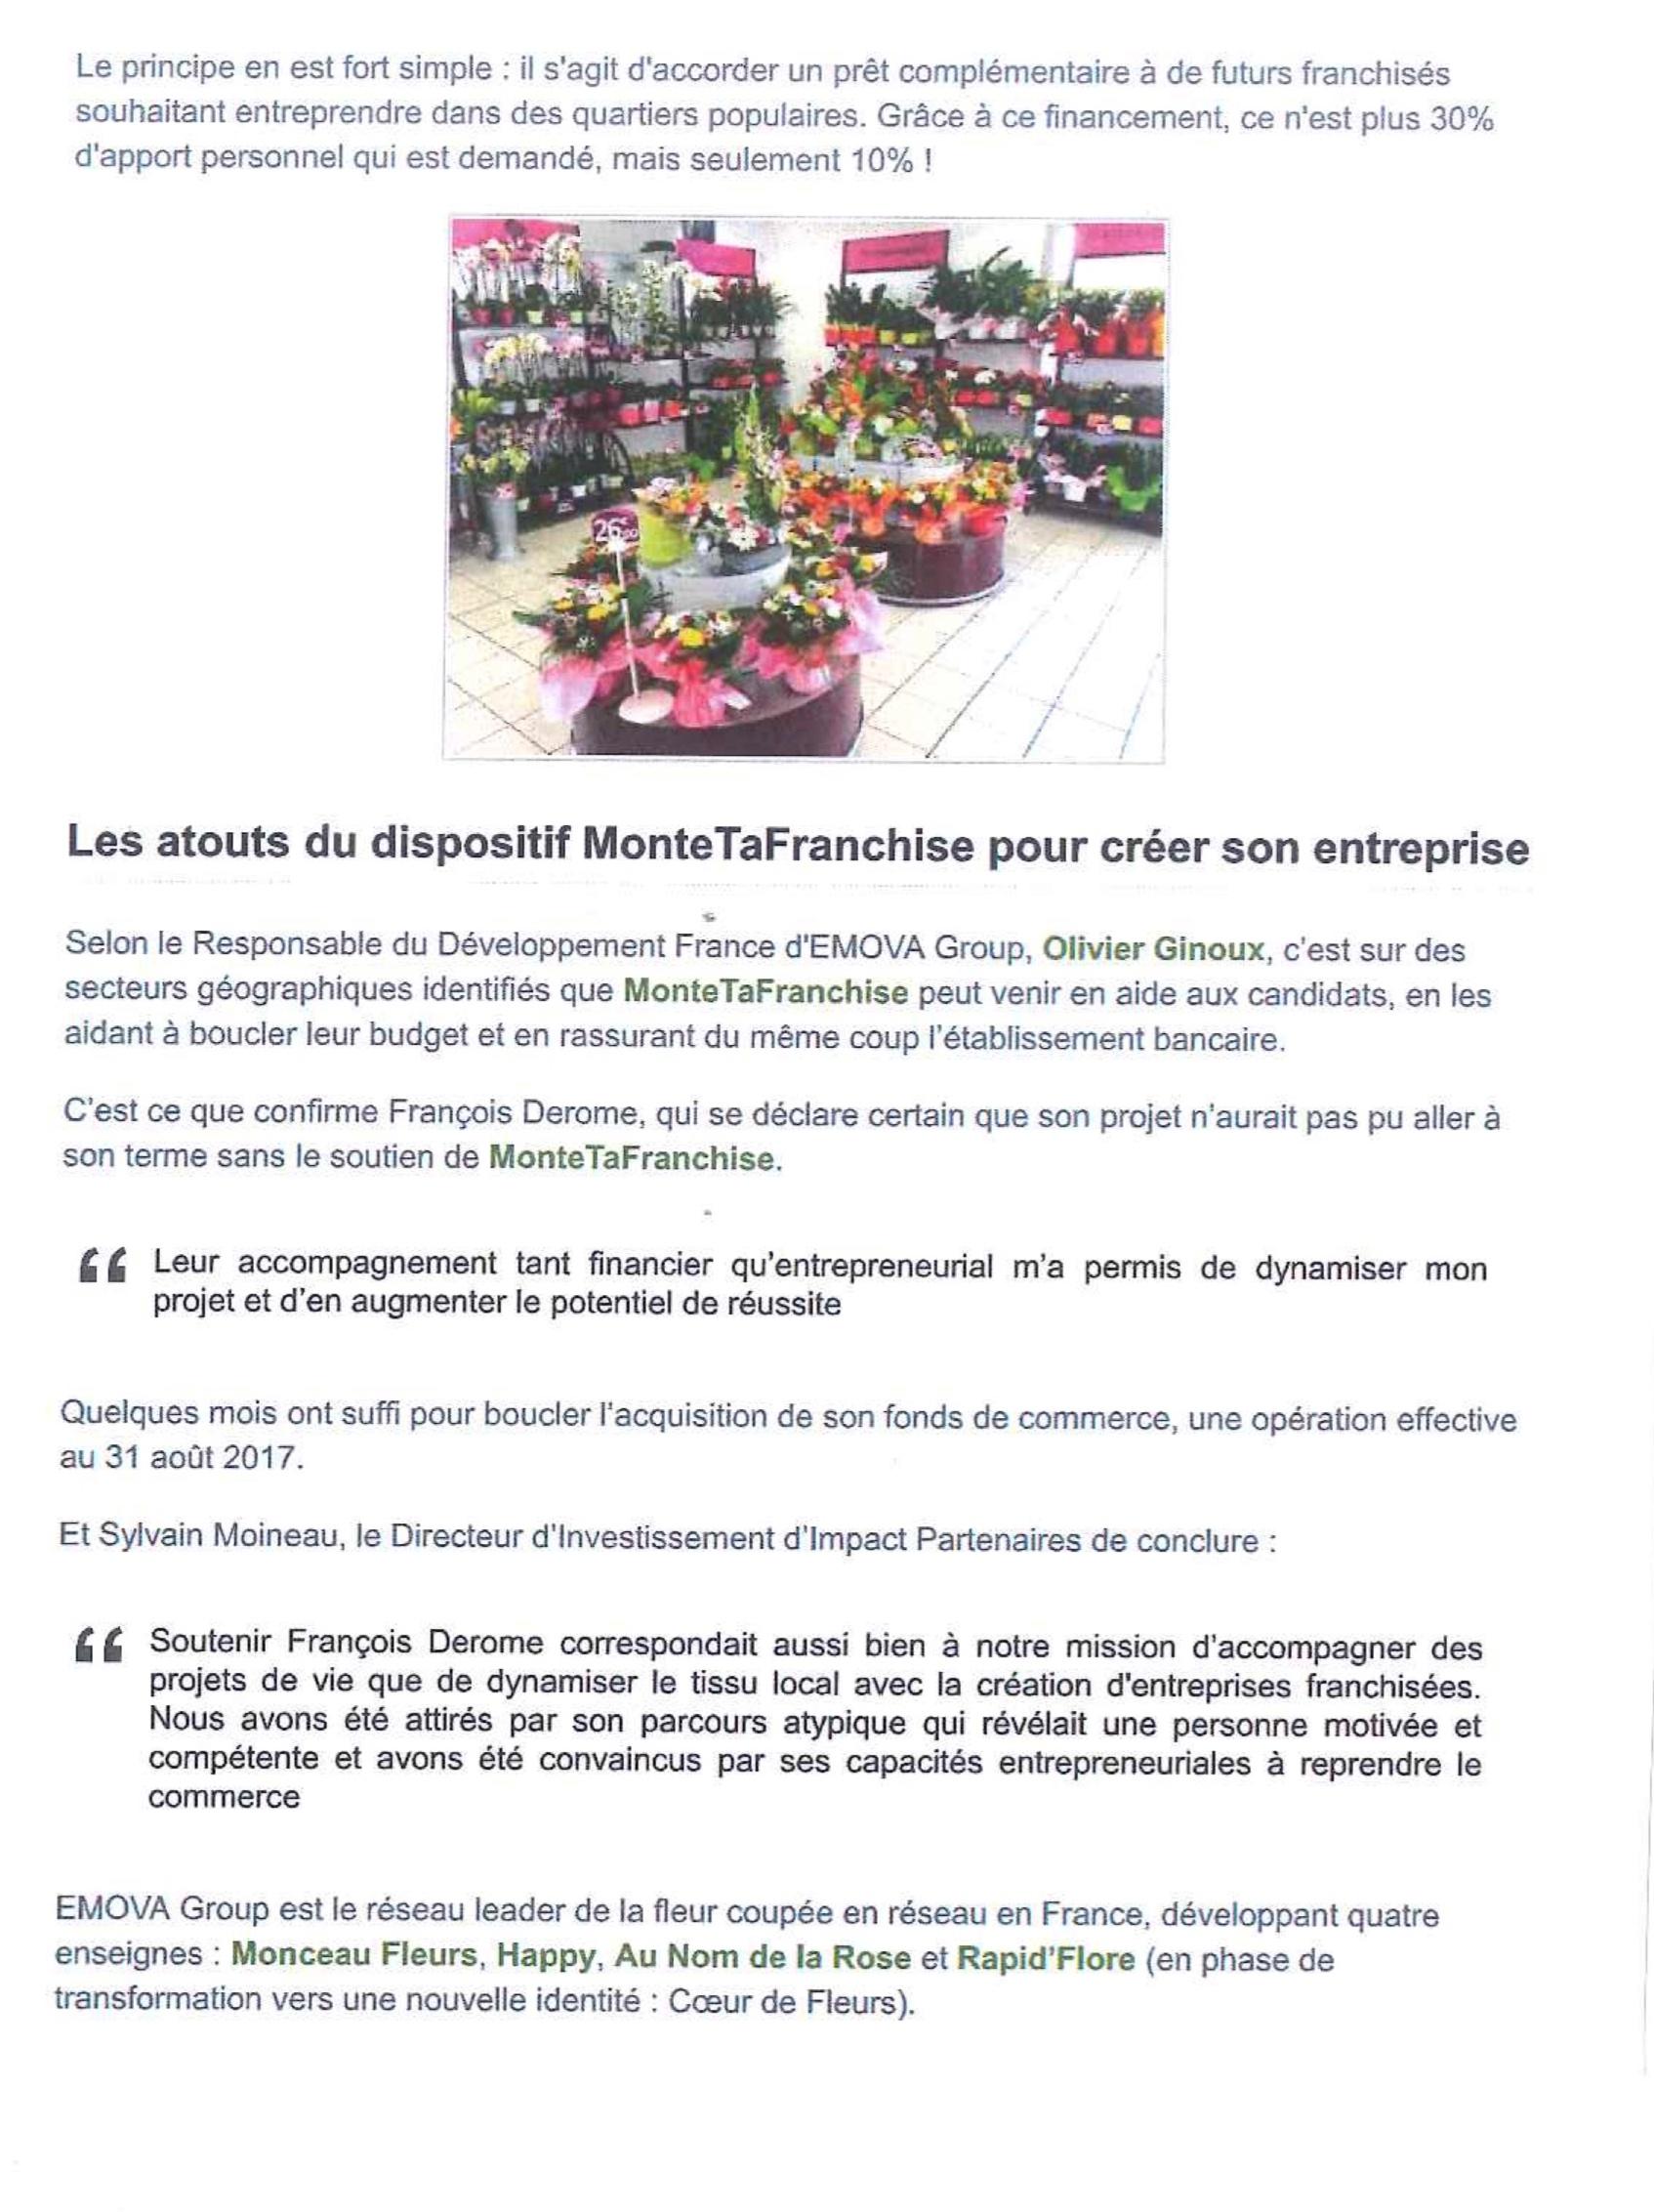 20171013-Observatoire-de-la-Franchise_RapidFlore-Fleury-sur-Orne+2.jpg